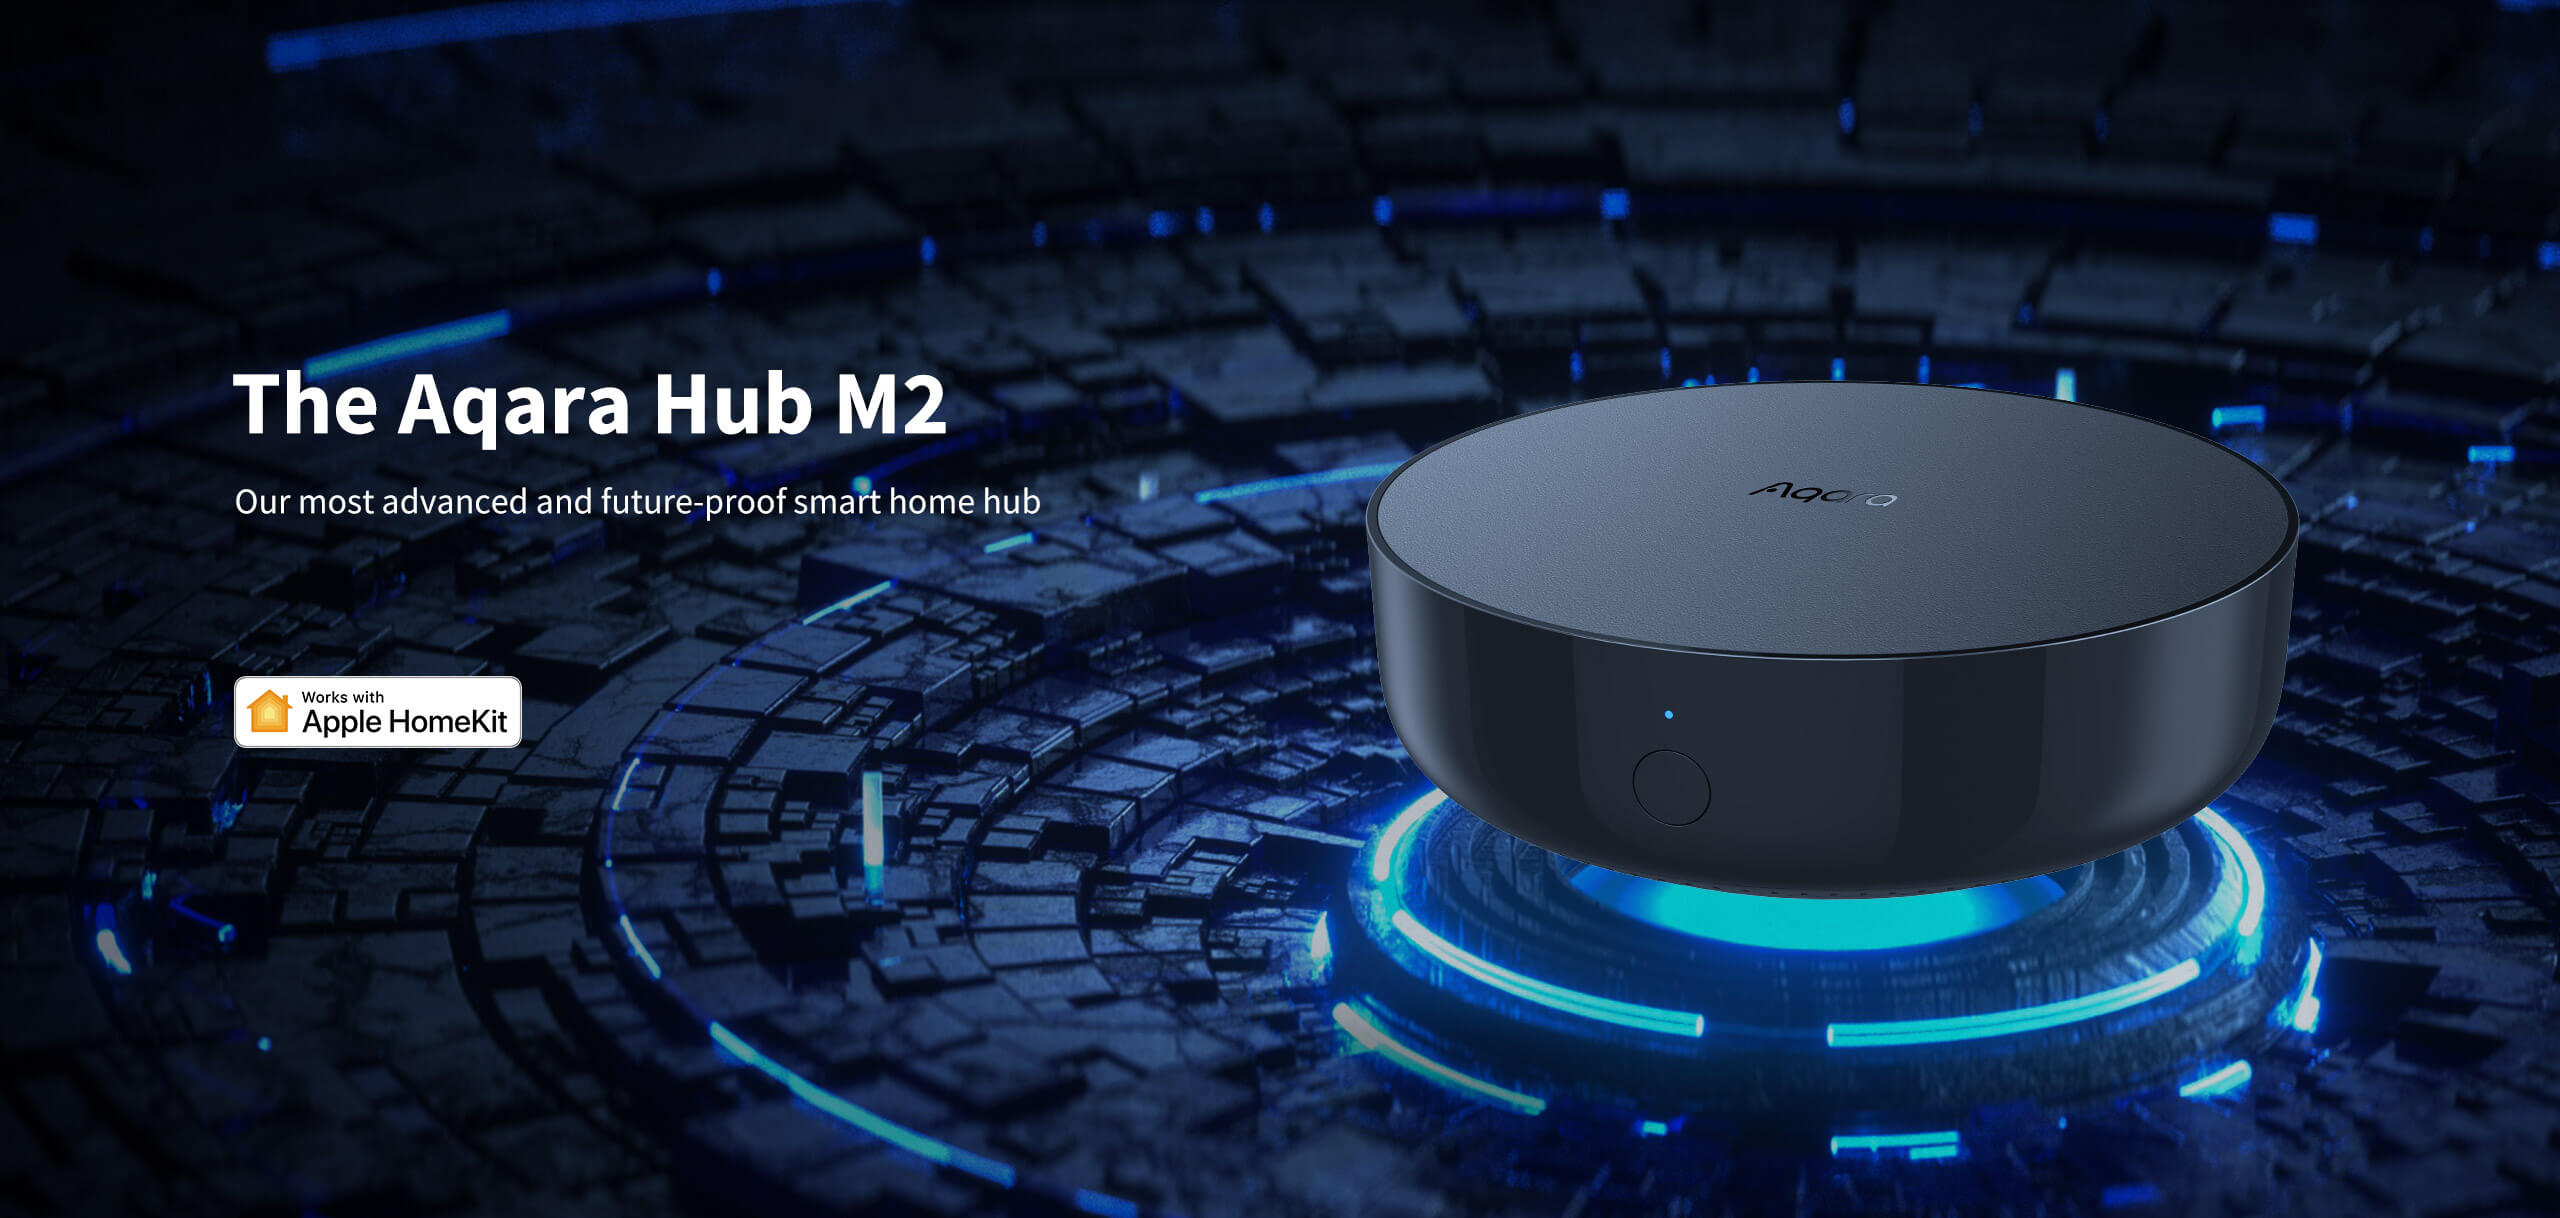 Aqara Hub M2